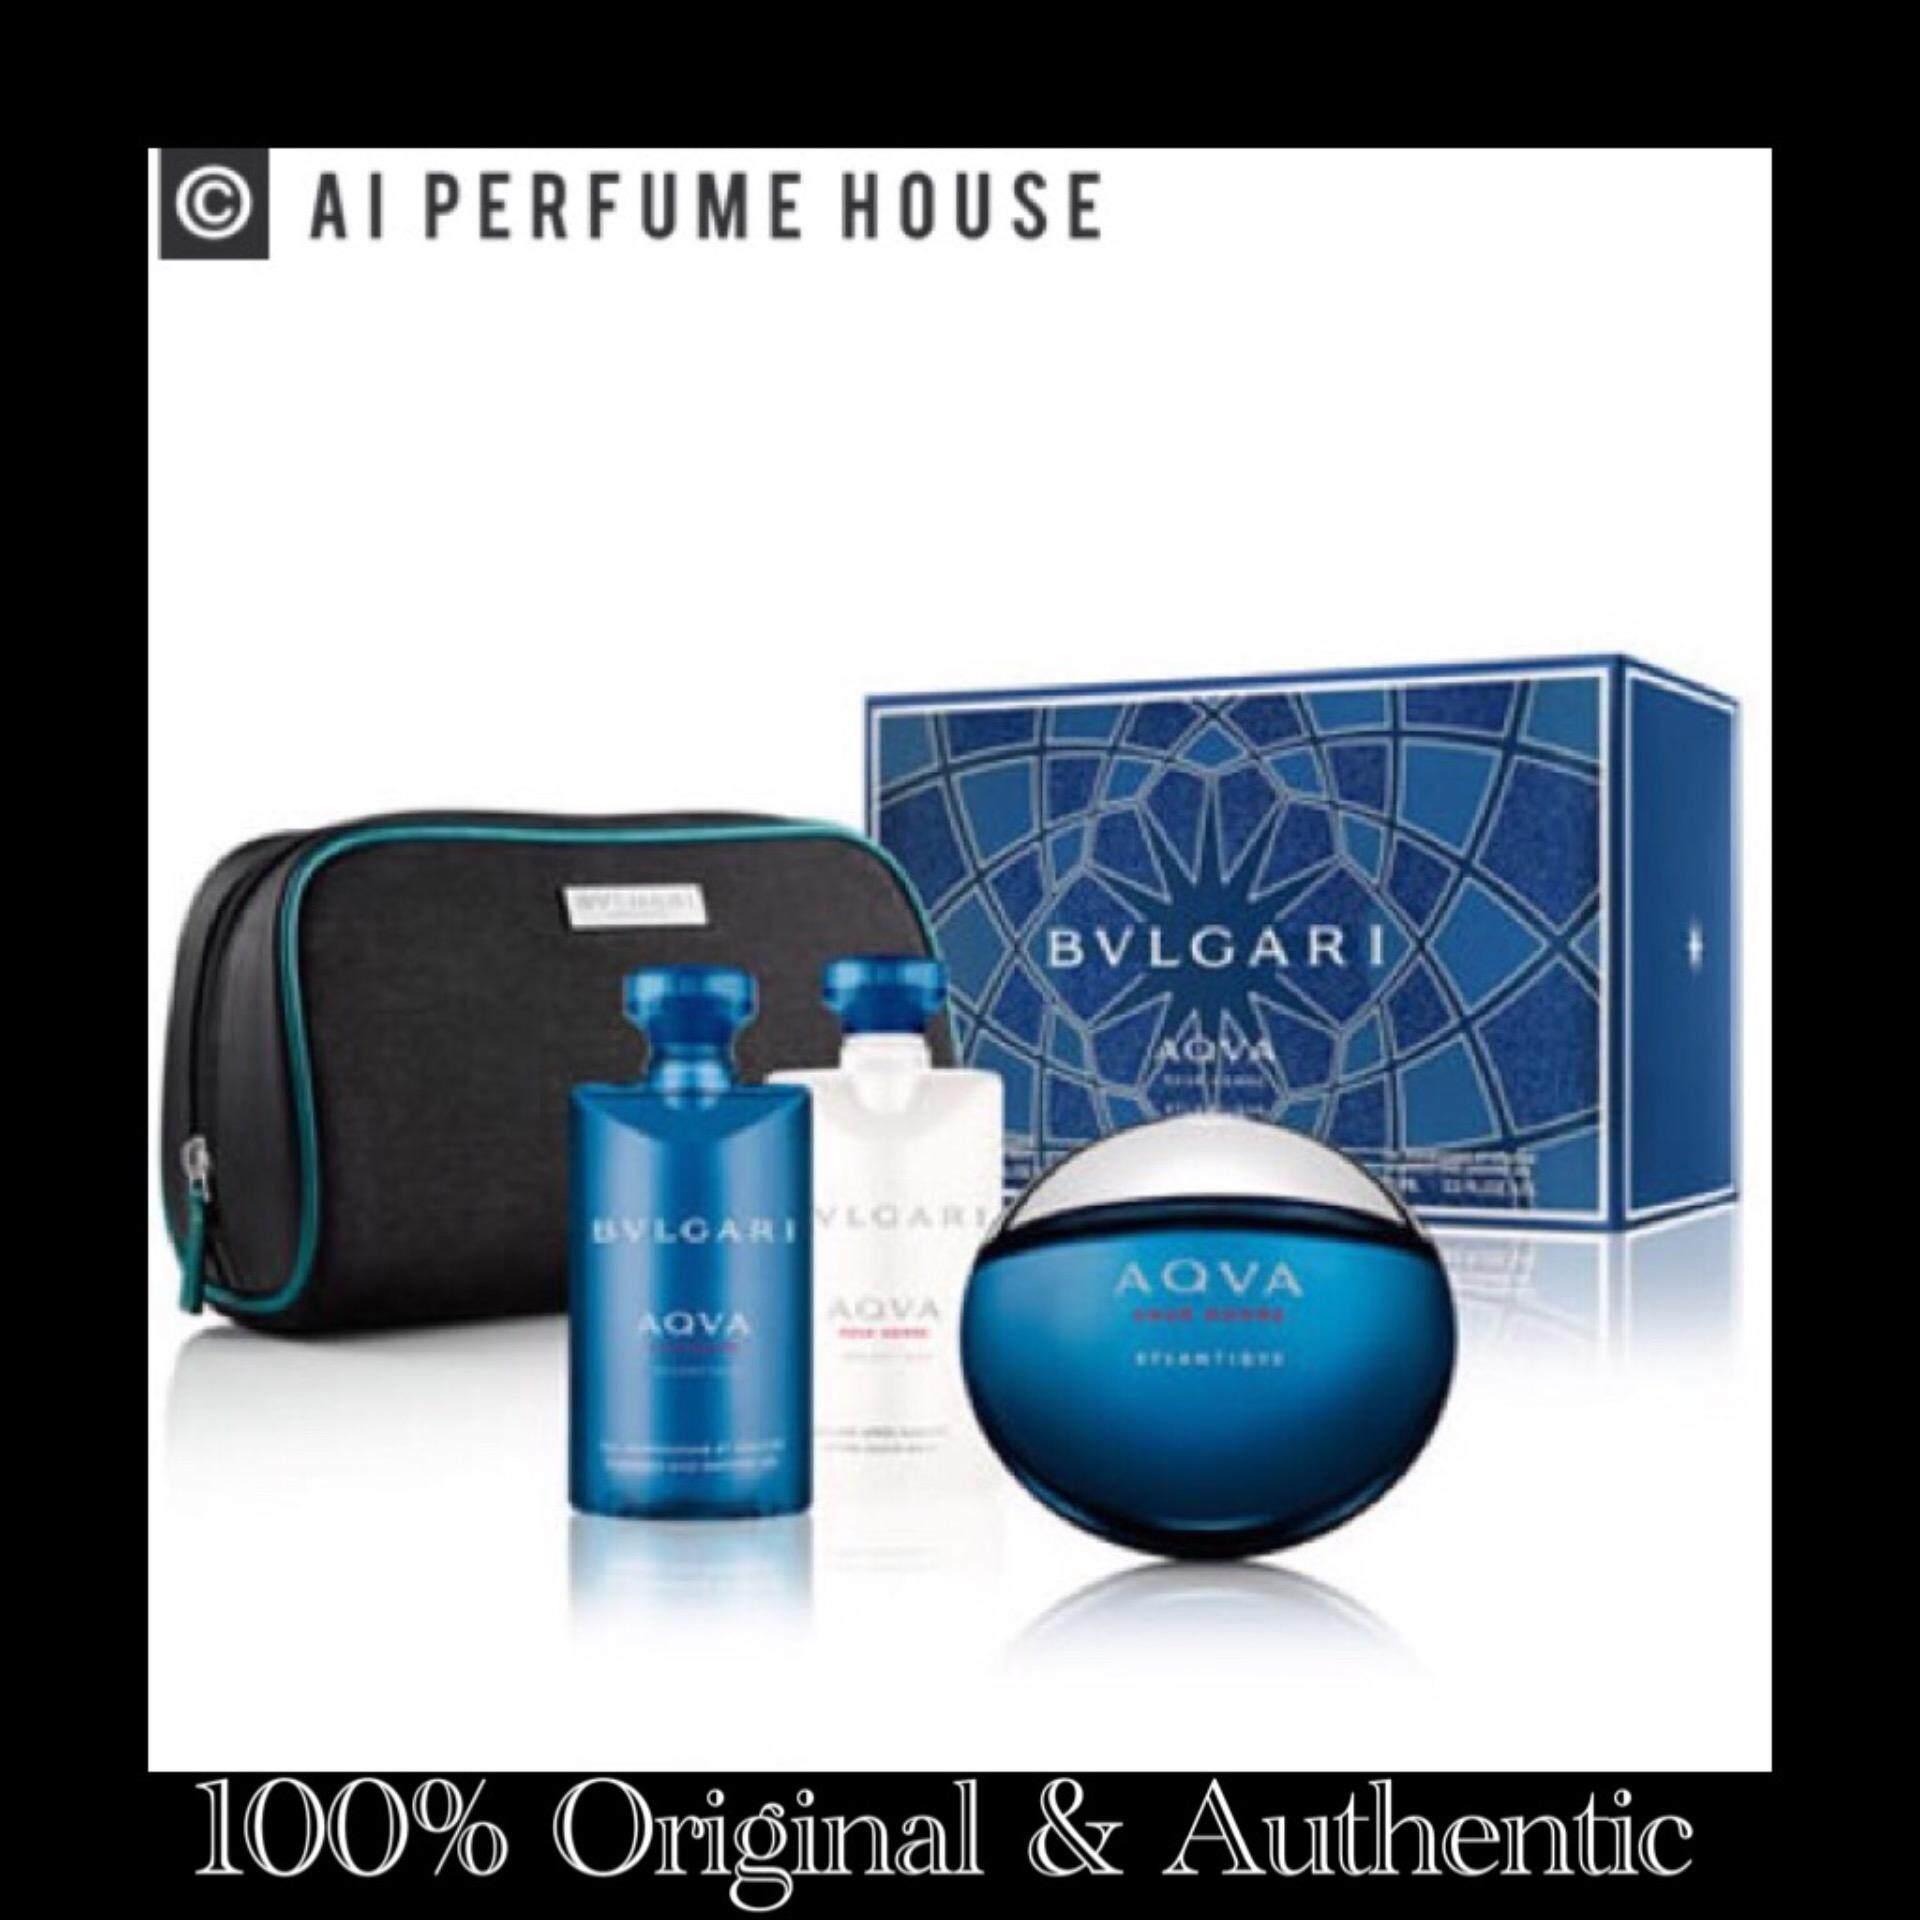 Gift Set Bvlgari Aqua Pour Homme Edt (100ml) [100% Original Perfume for Men By AI PERFUME HOUSE]